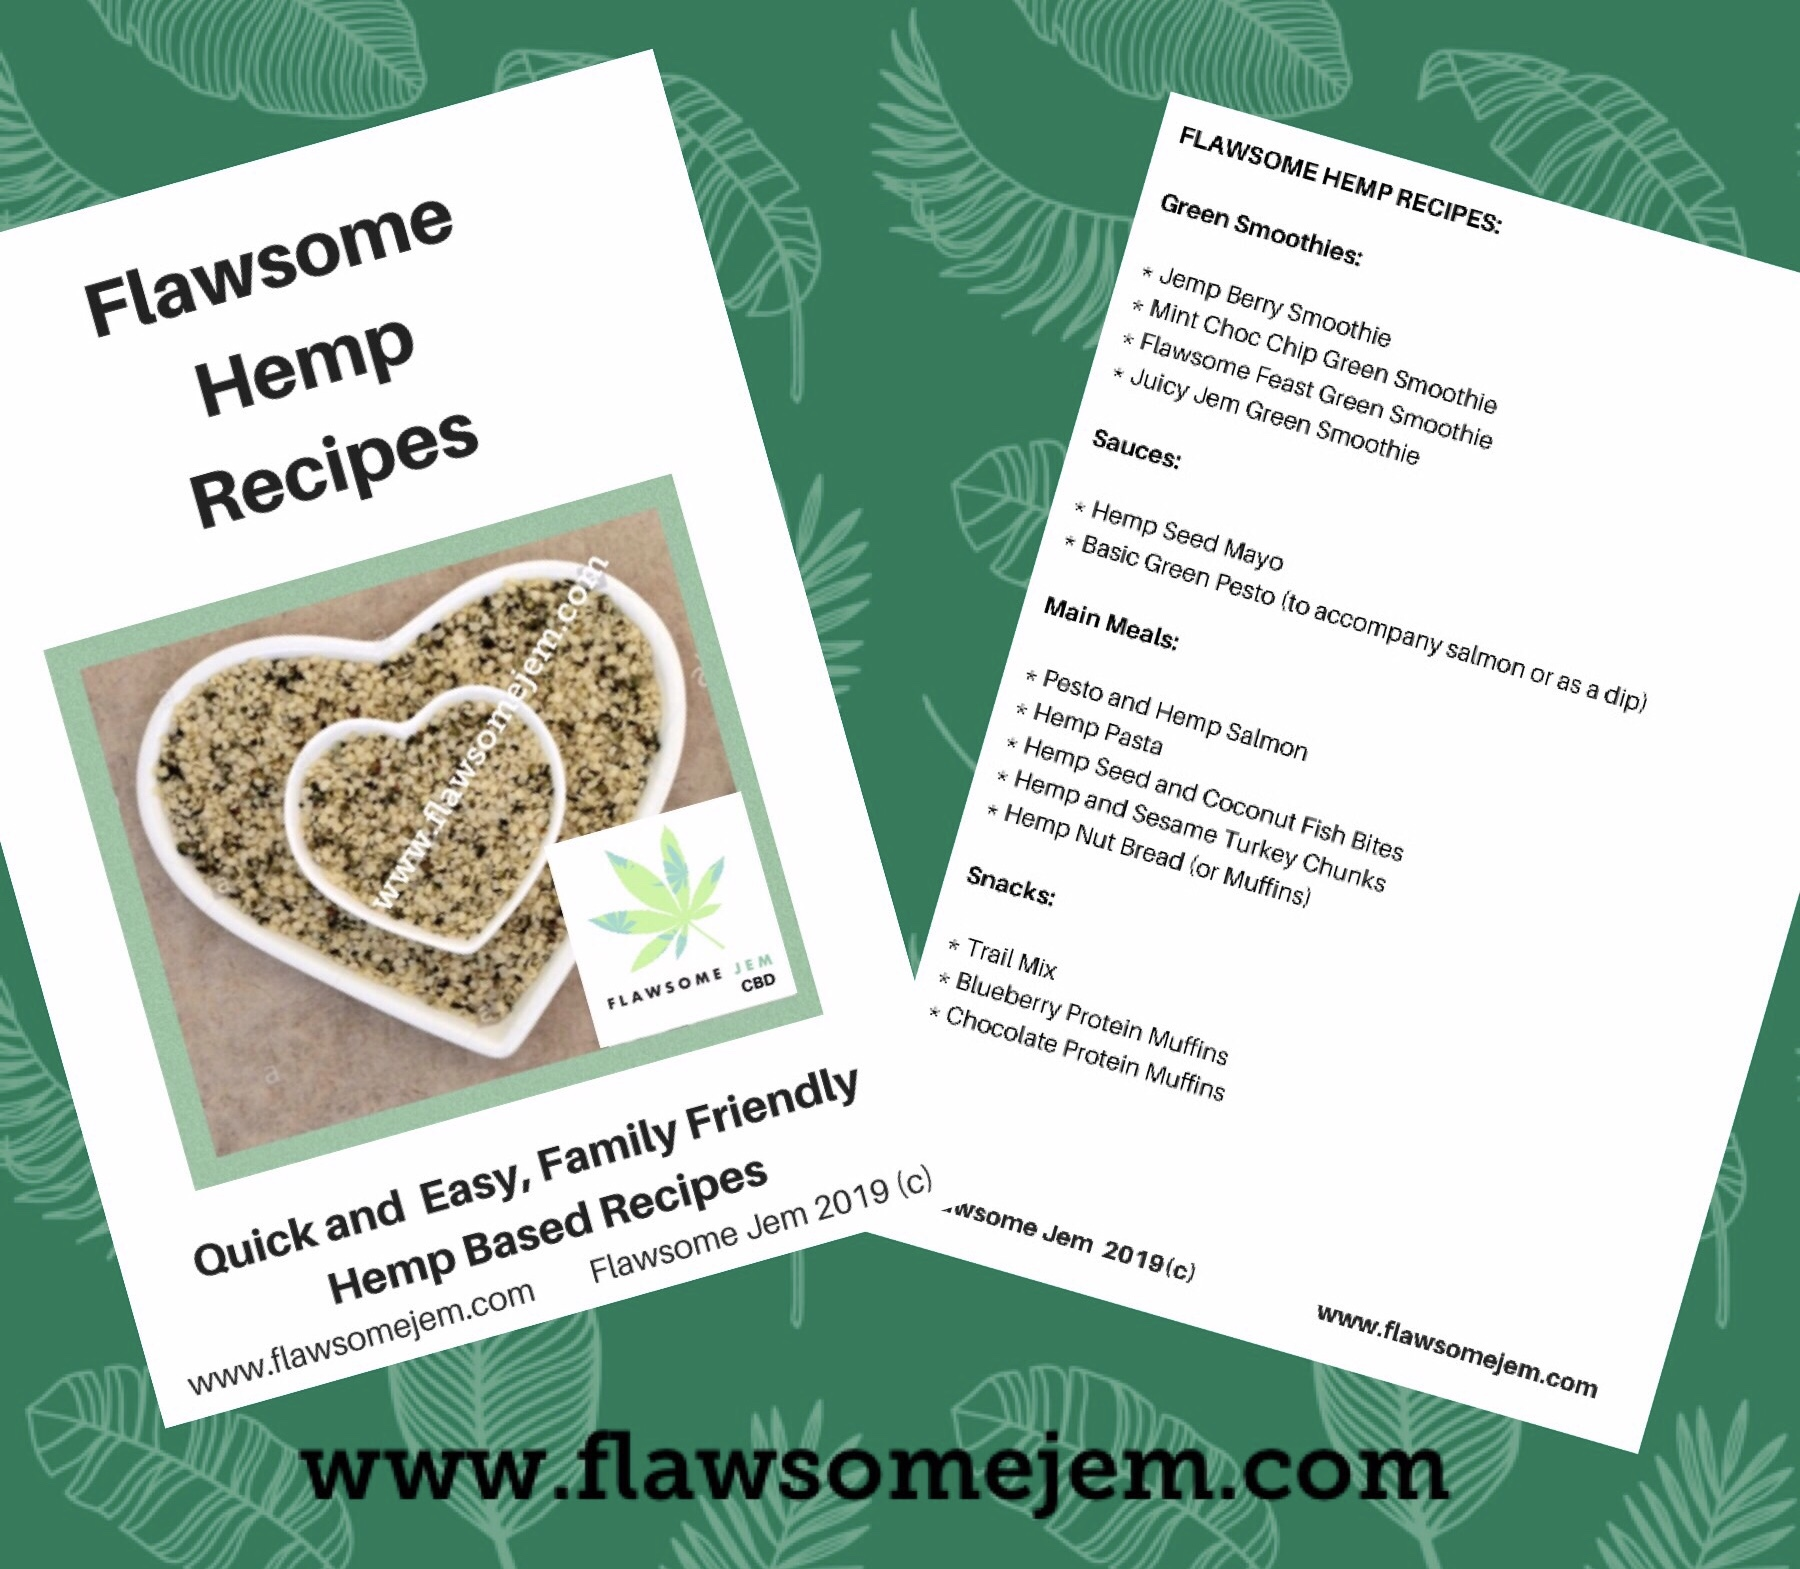 Flawsome Hemp Recipes Book